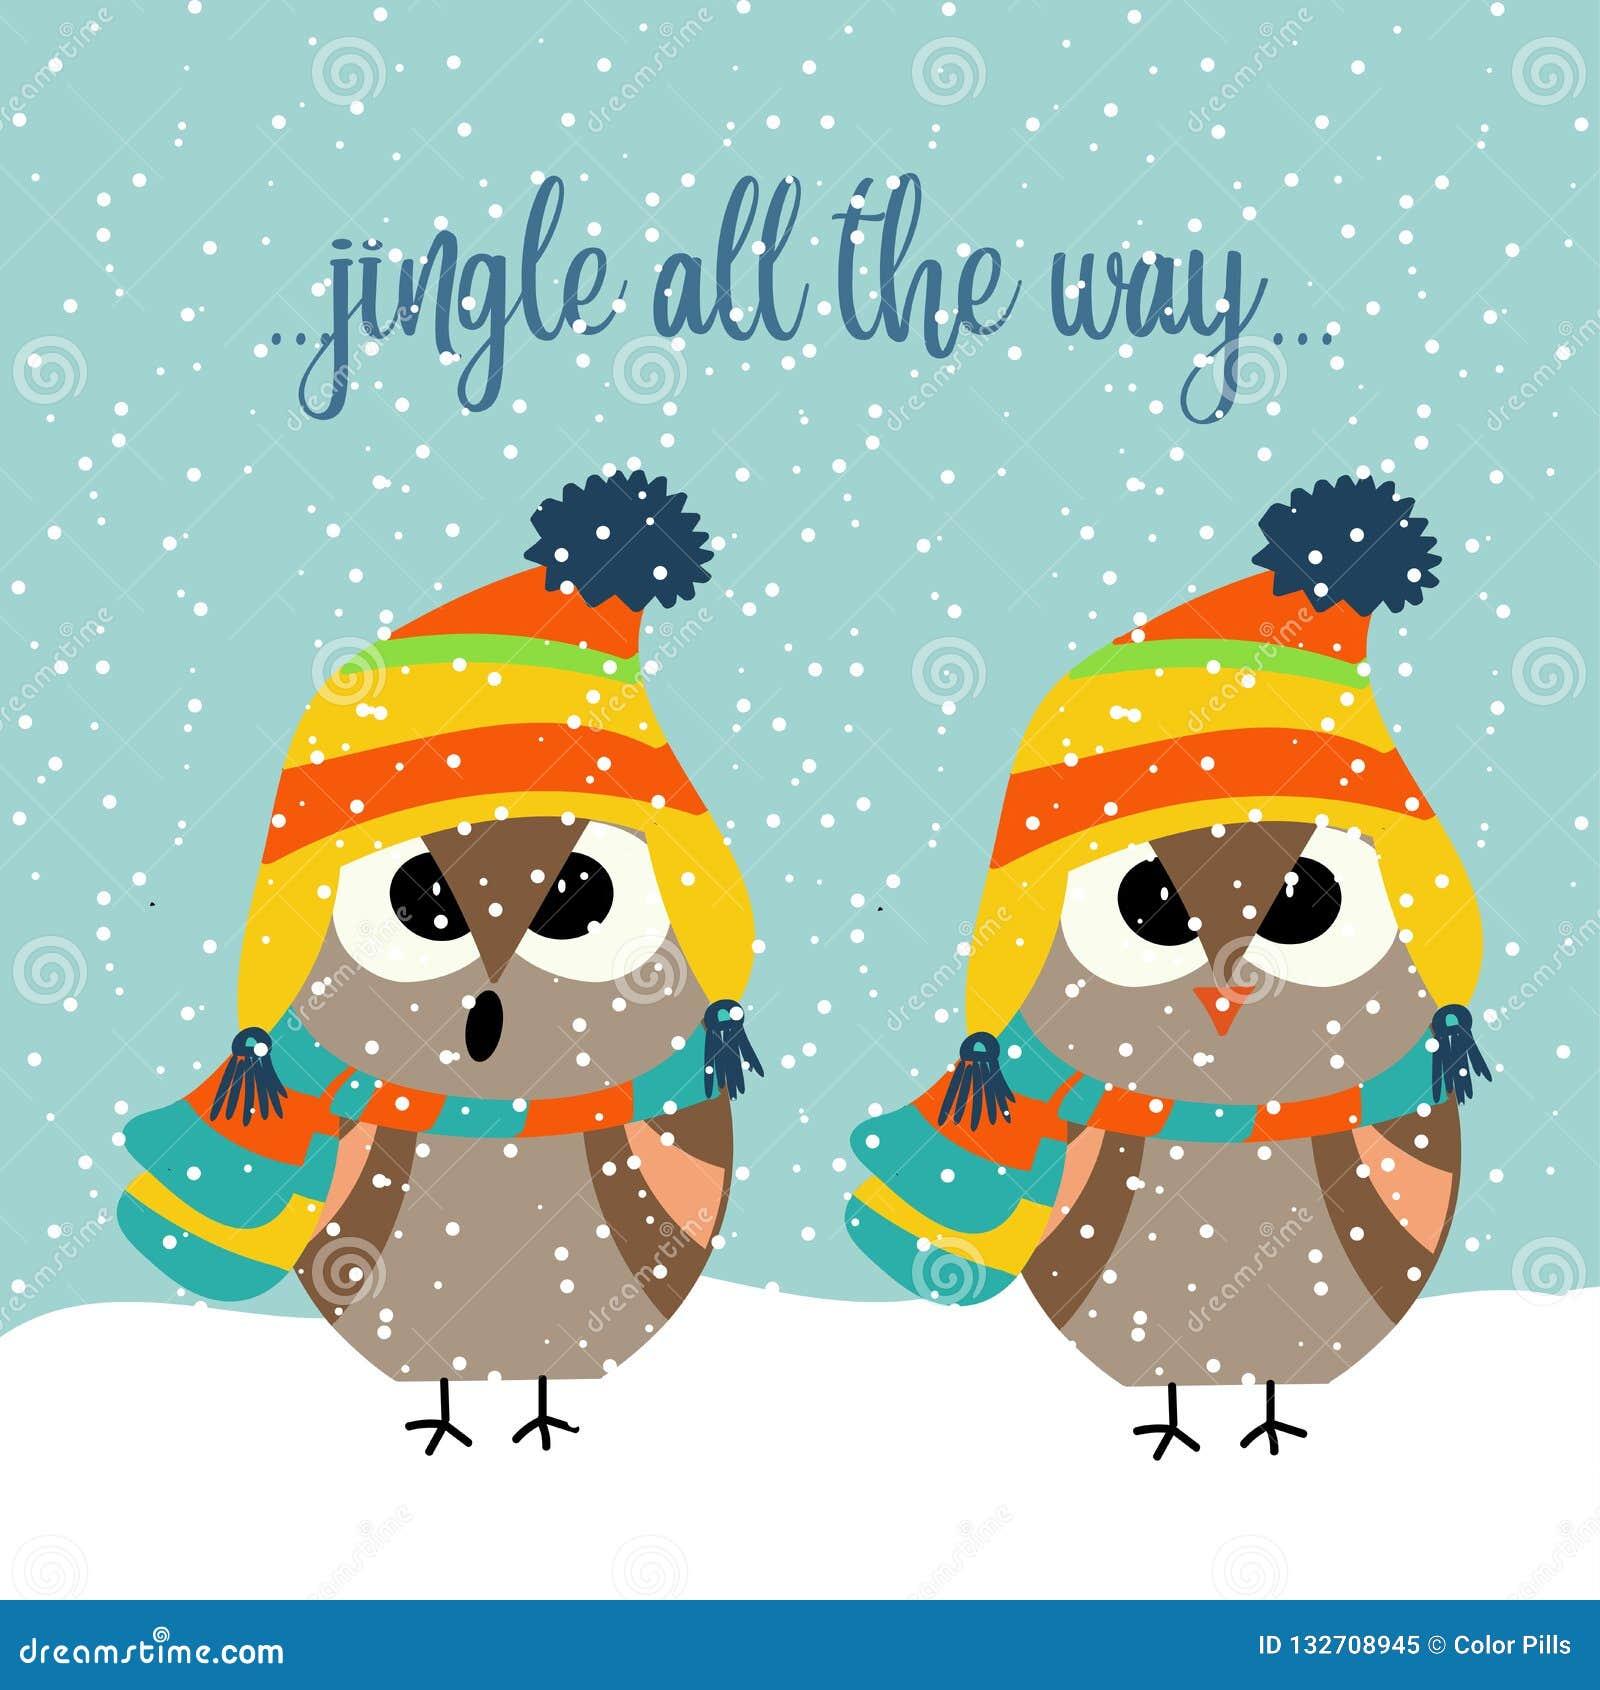 与唱颂歌的猫头鹰的逗人喜爱的圣诞卡片